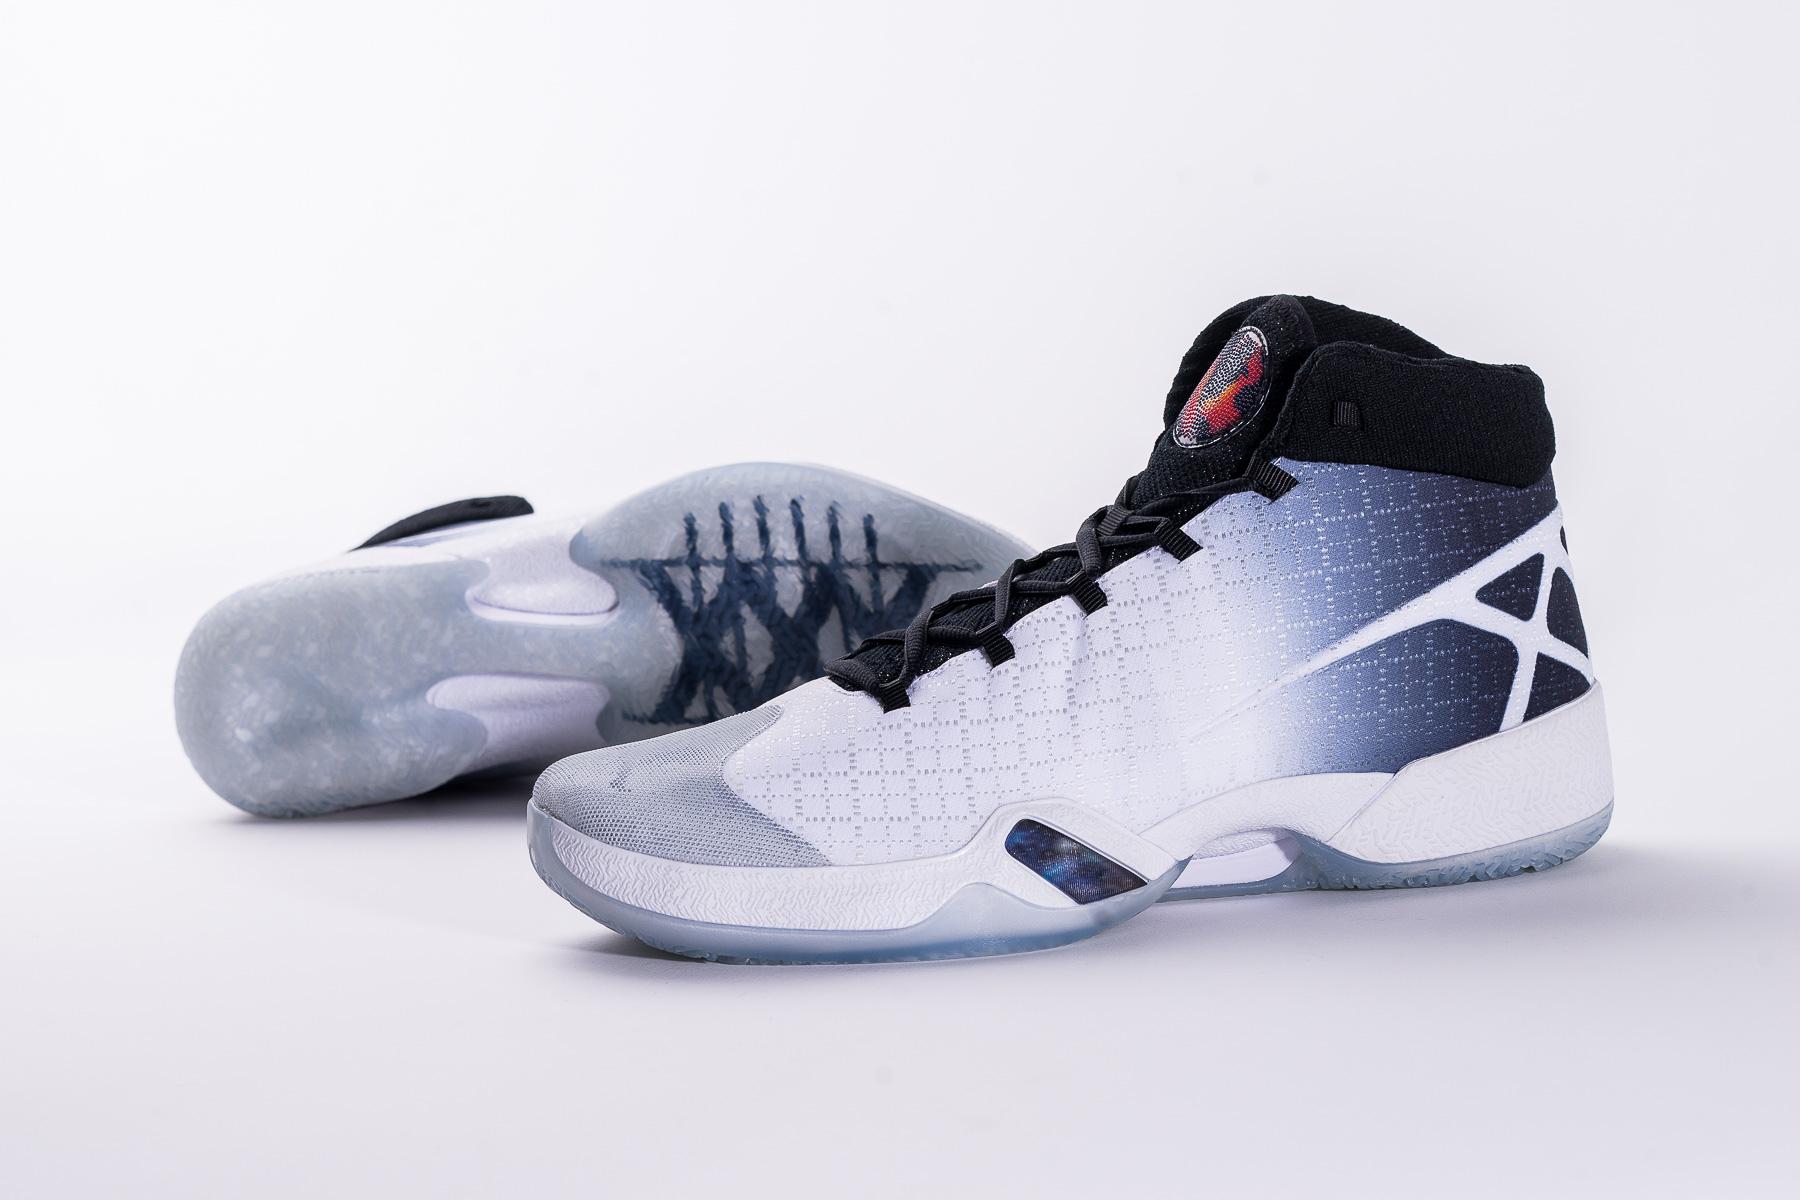 Air Jordan Jordan Shoes